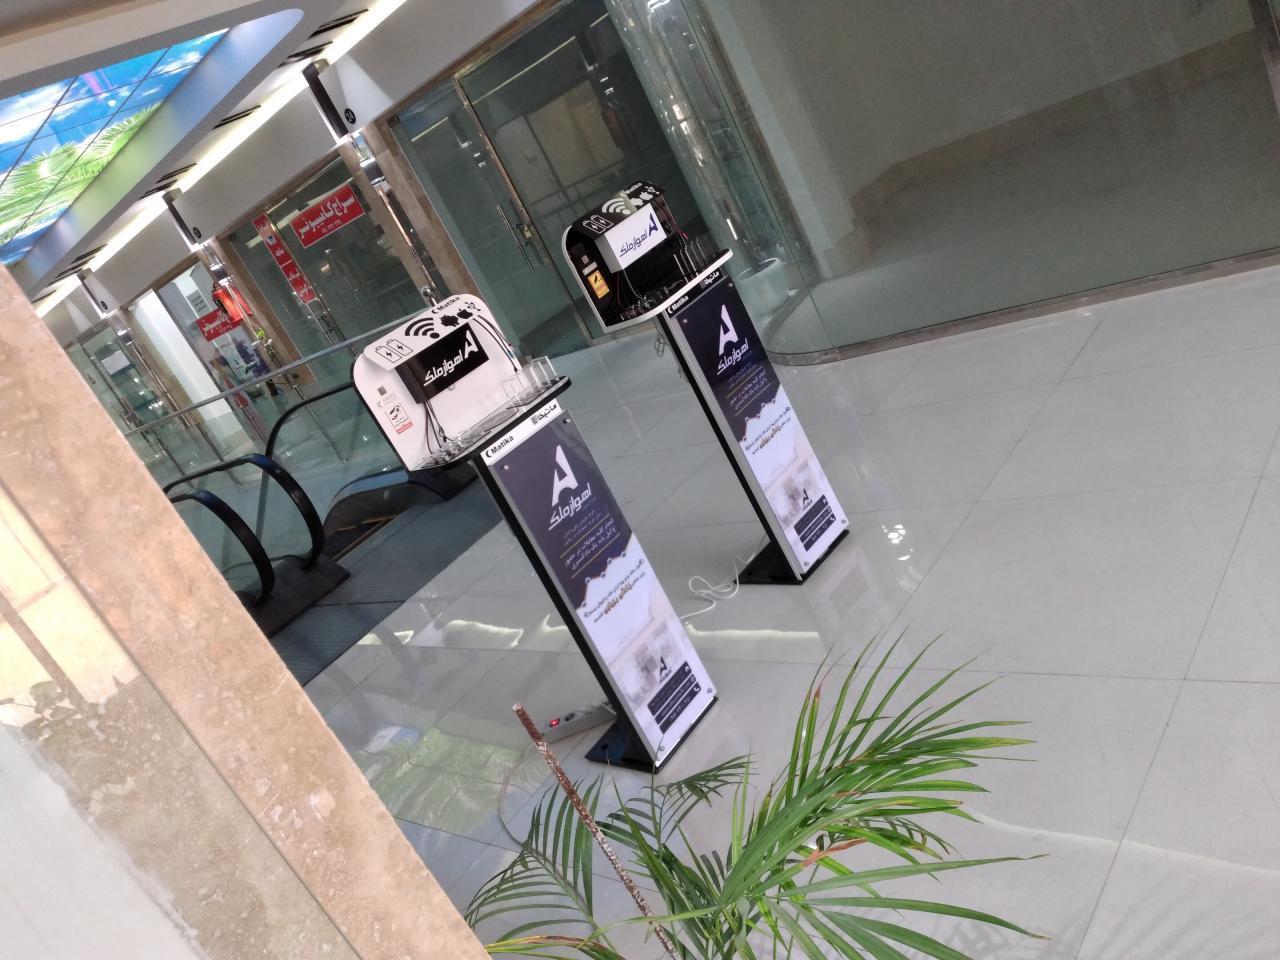 استند شارژ موبایل - استند شارژ – استند شارژر موبایل – شارژر - ایستگاه شارژ موبایل - شارژر موبایل - شارژر اماکن عمومی - شارژرهای عمومی